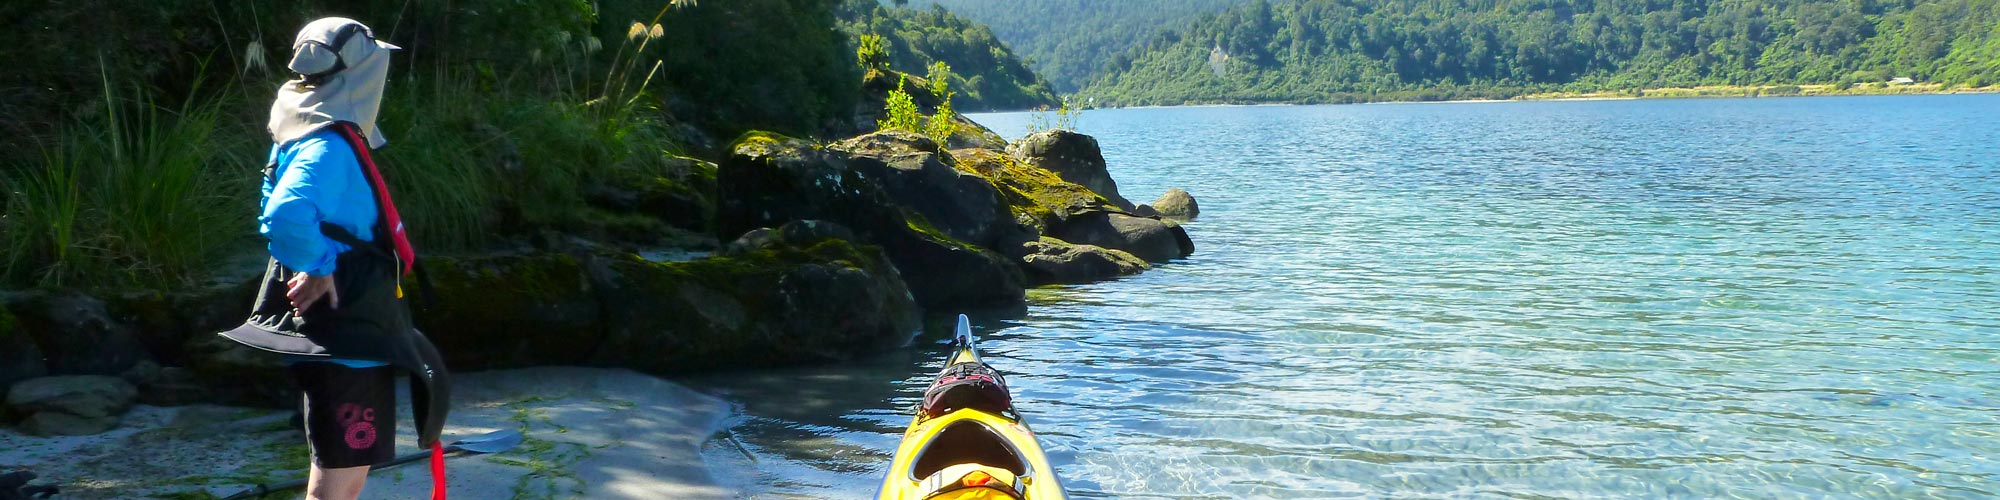 Hiddden Kayaking Gems New Zealand's North Island Banner